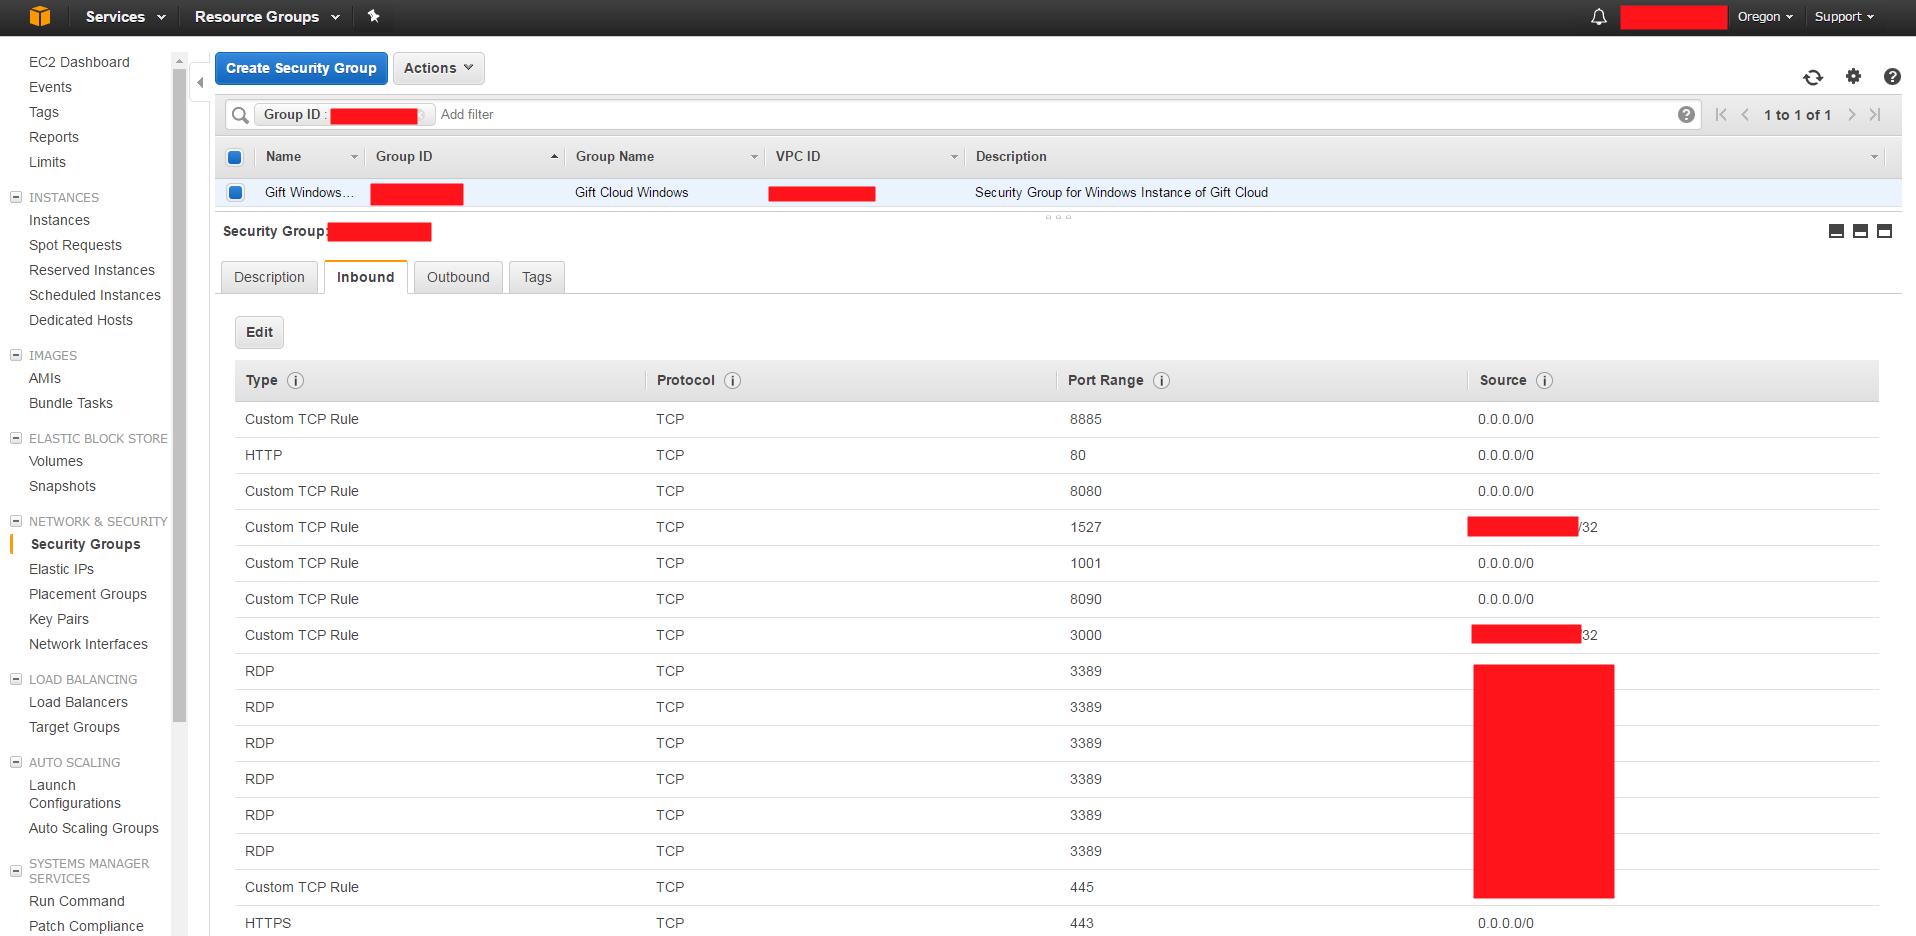 Deploying to AWS backup - GIFT - GIFT Portal